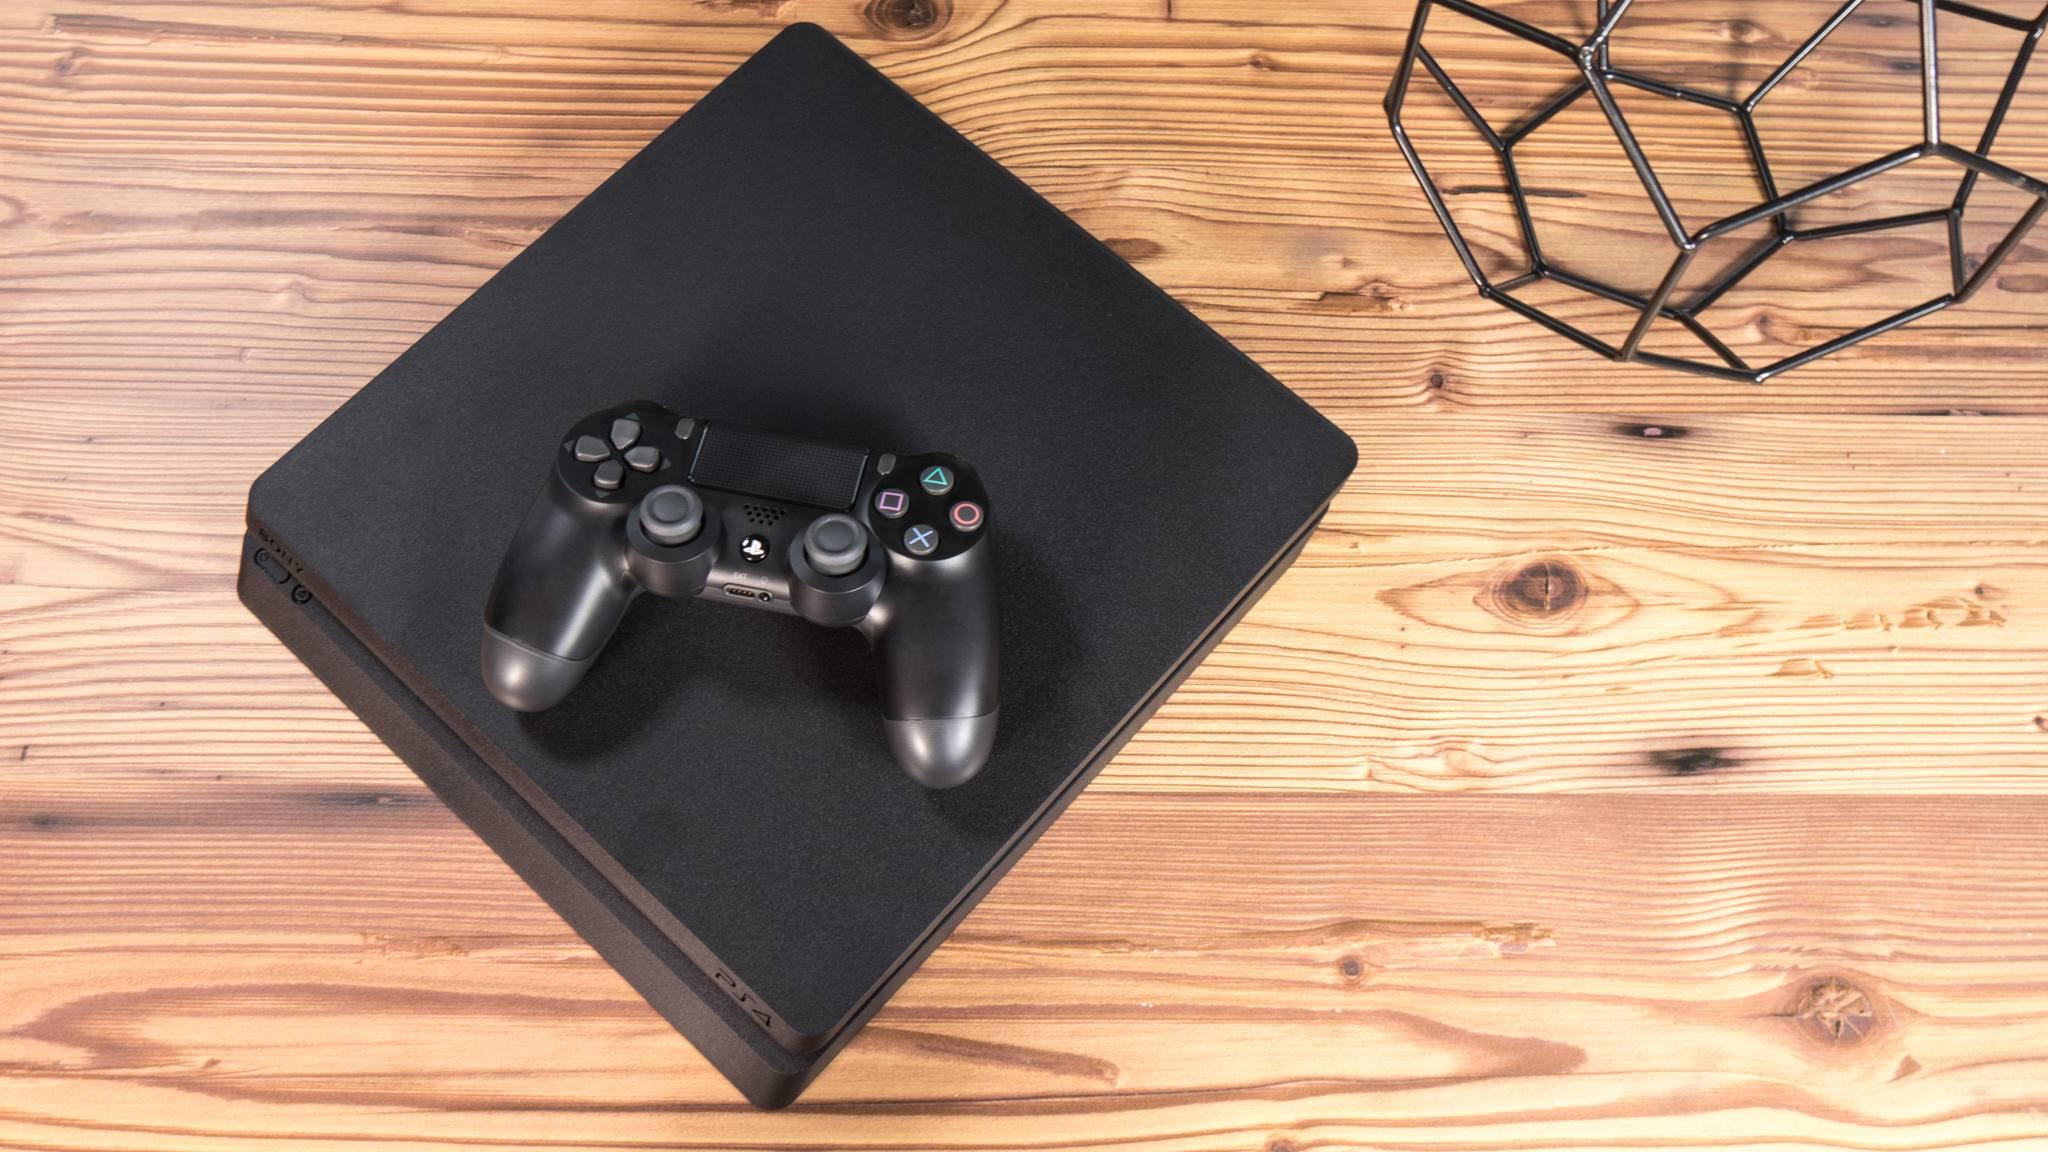 Gamer schwören auf die Playstation 4 –doch taugt sie auch für Film-Enthusiasten?